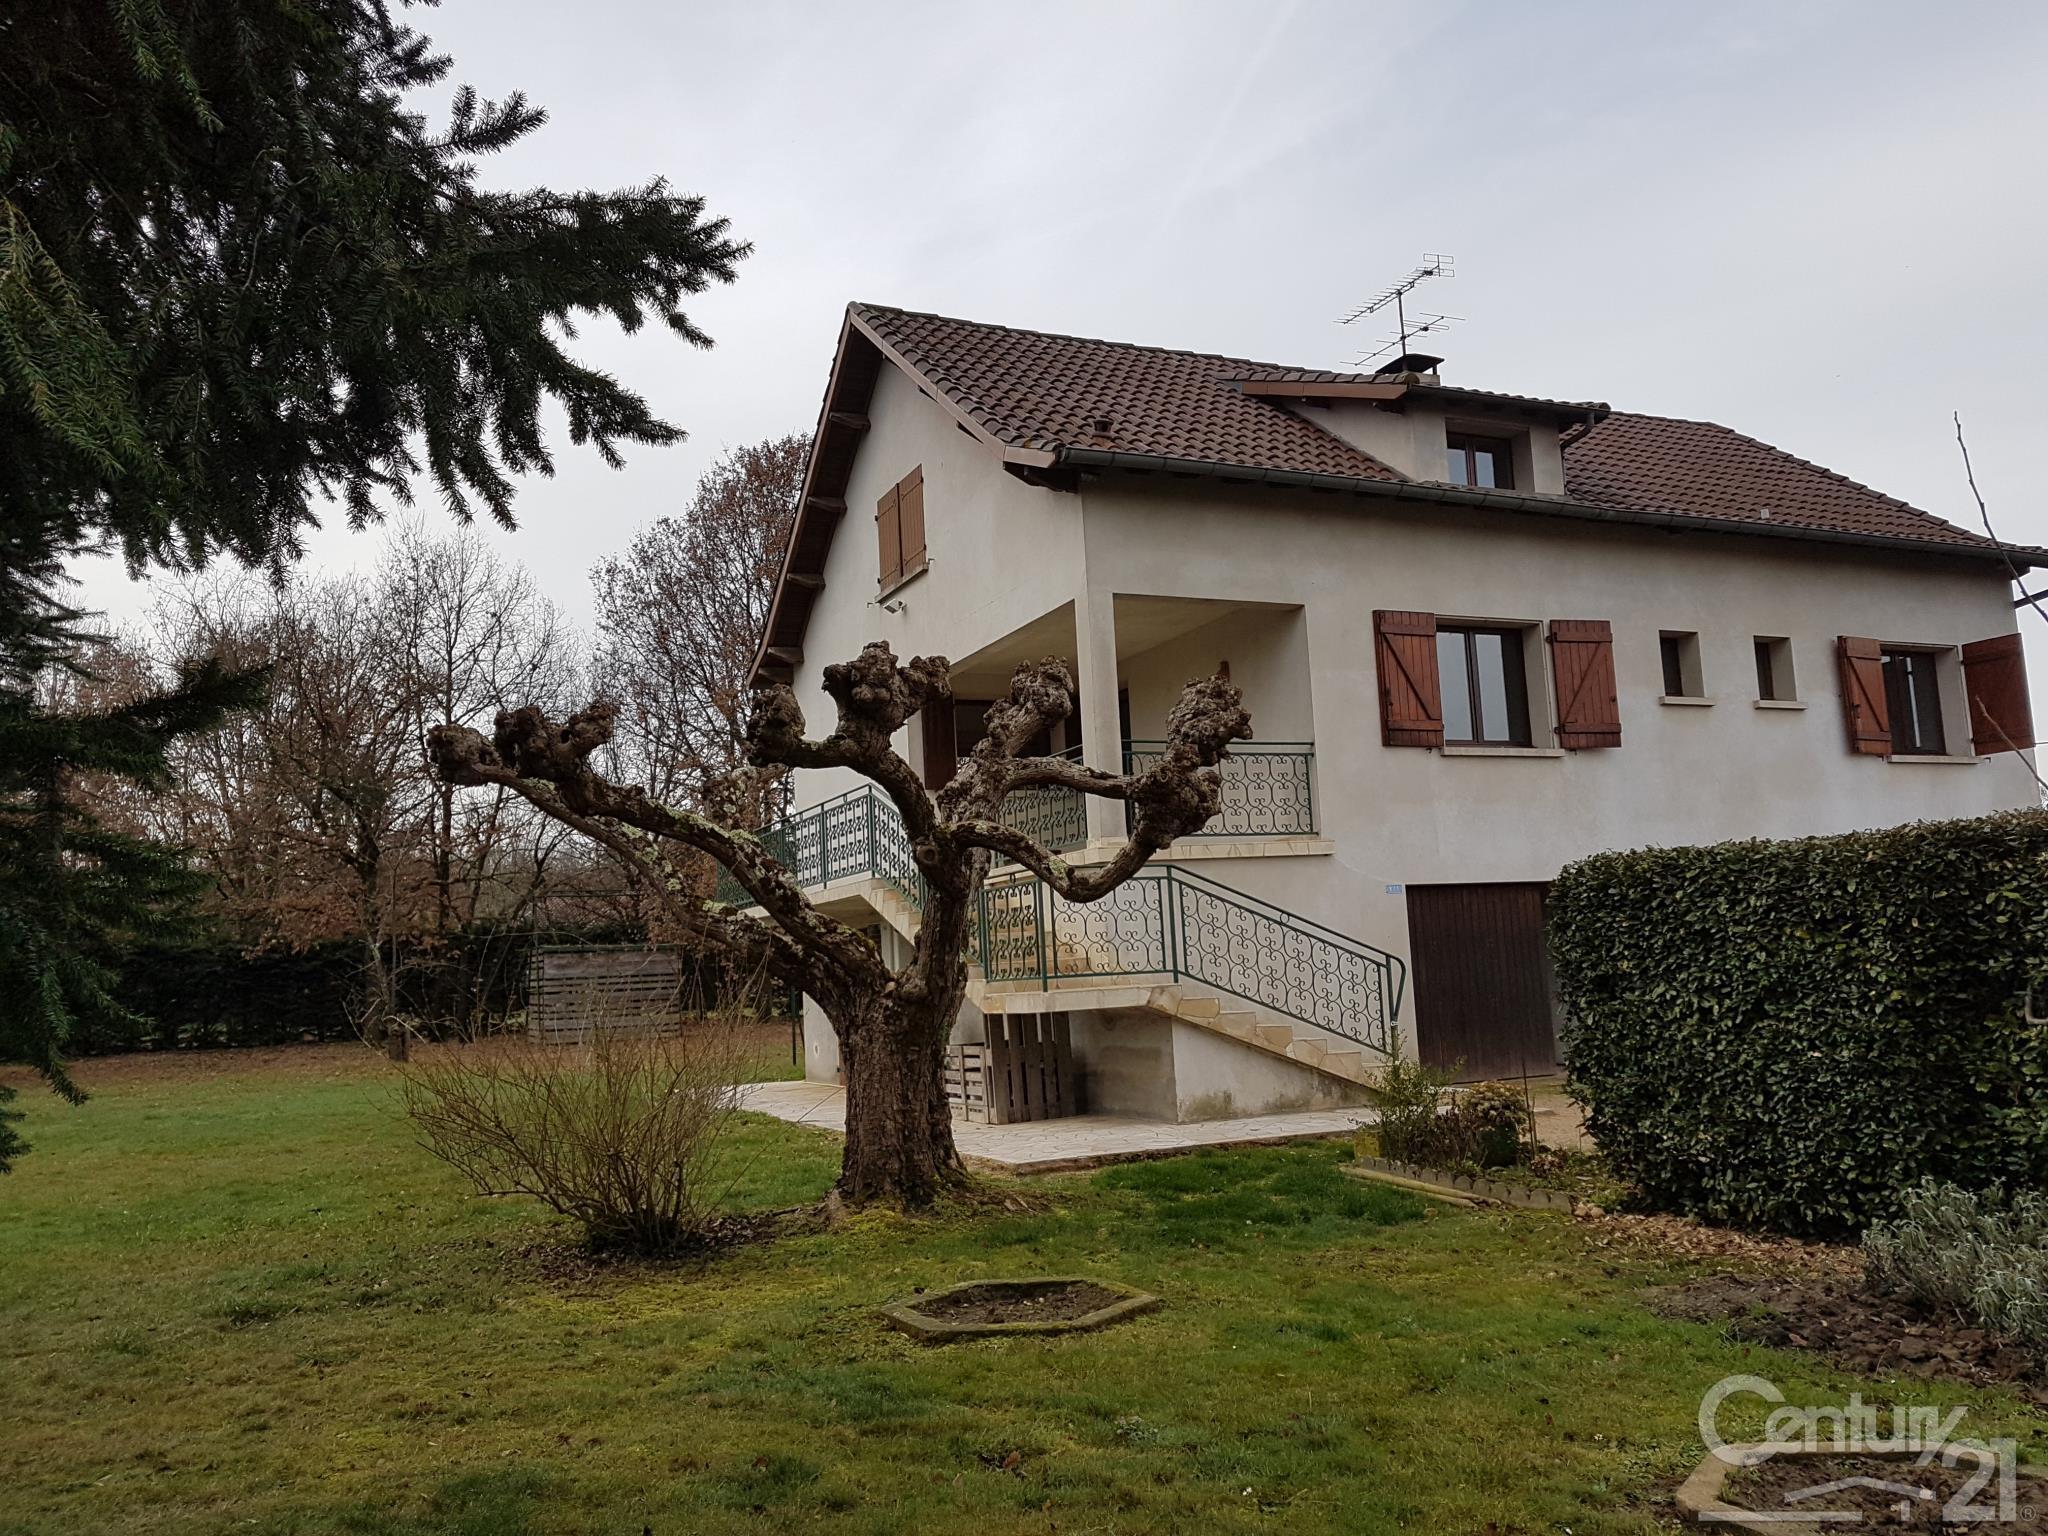 Annonce location maison montauban 82000 160 m 900 for Acheter maison montauban